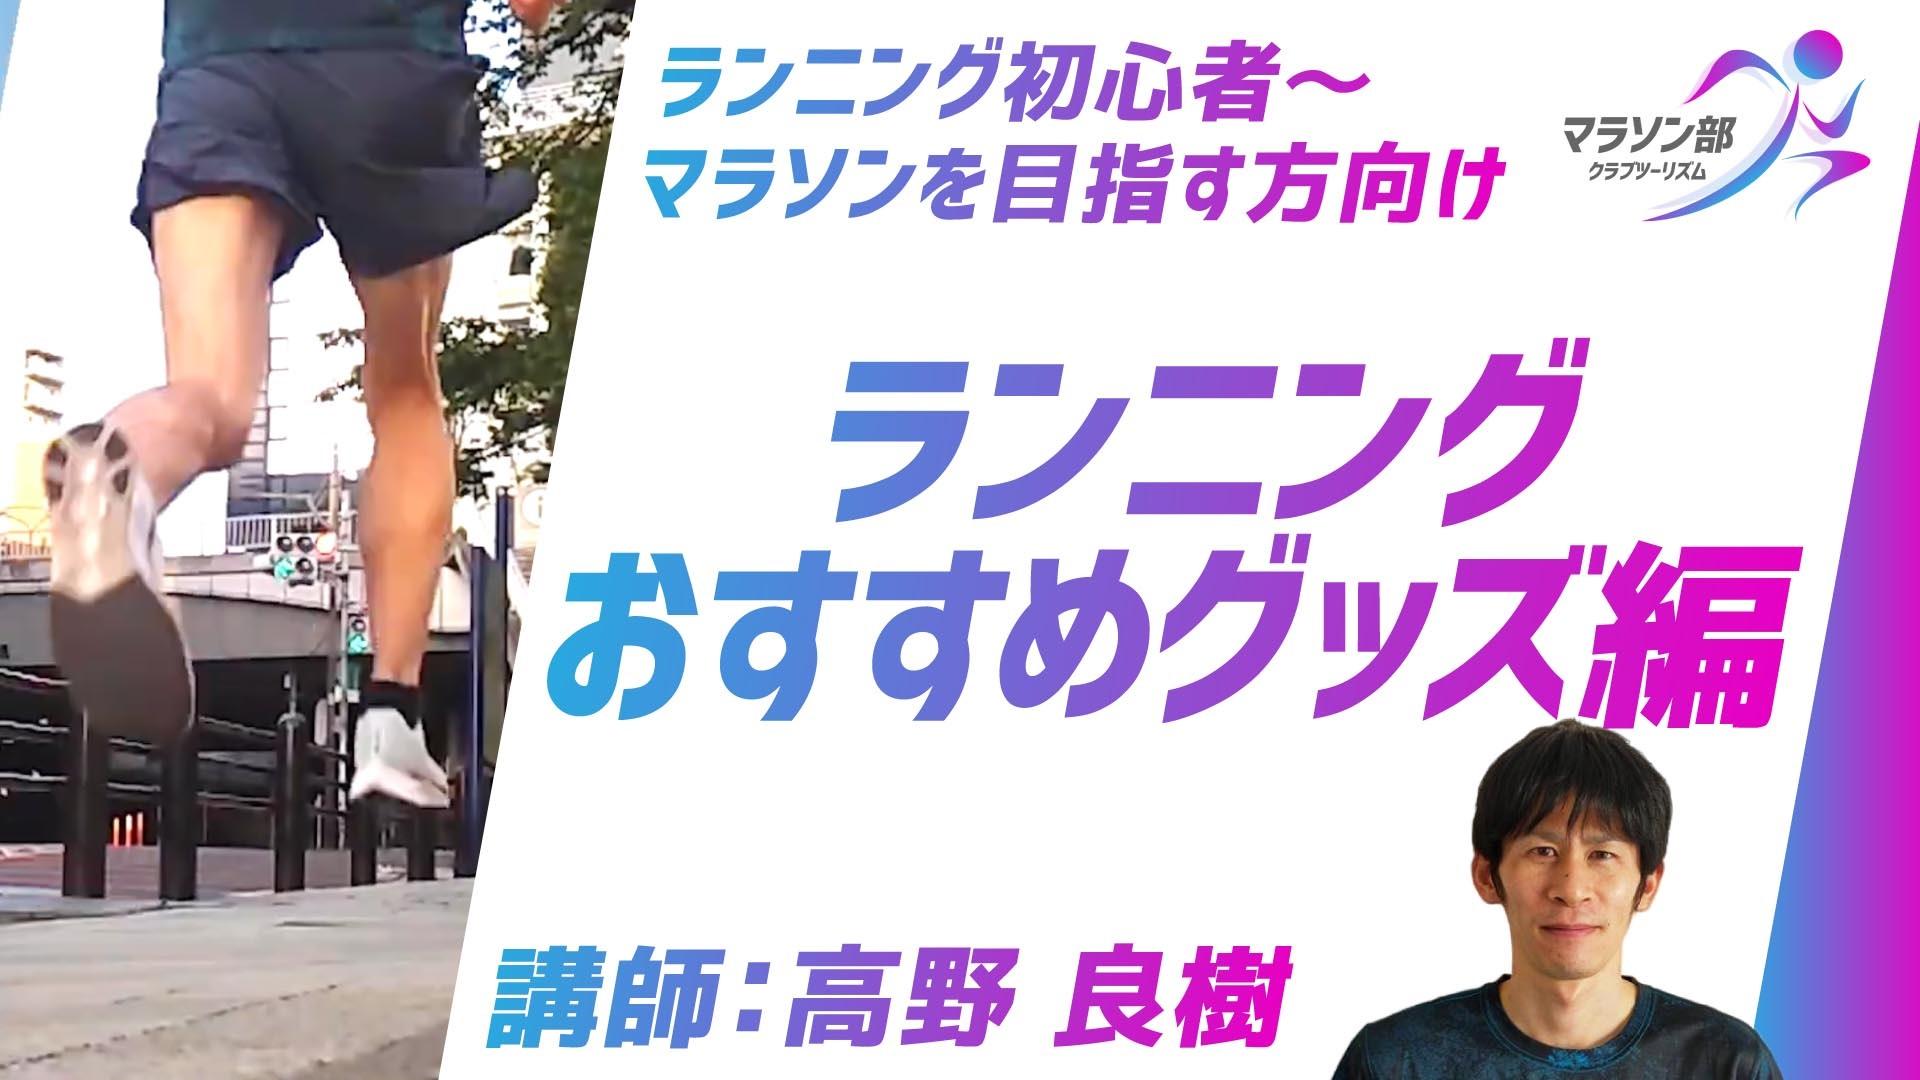 【マラソン】ランニングおすすめグッズ編